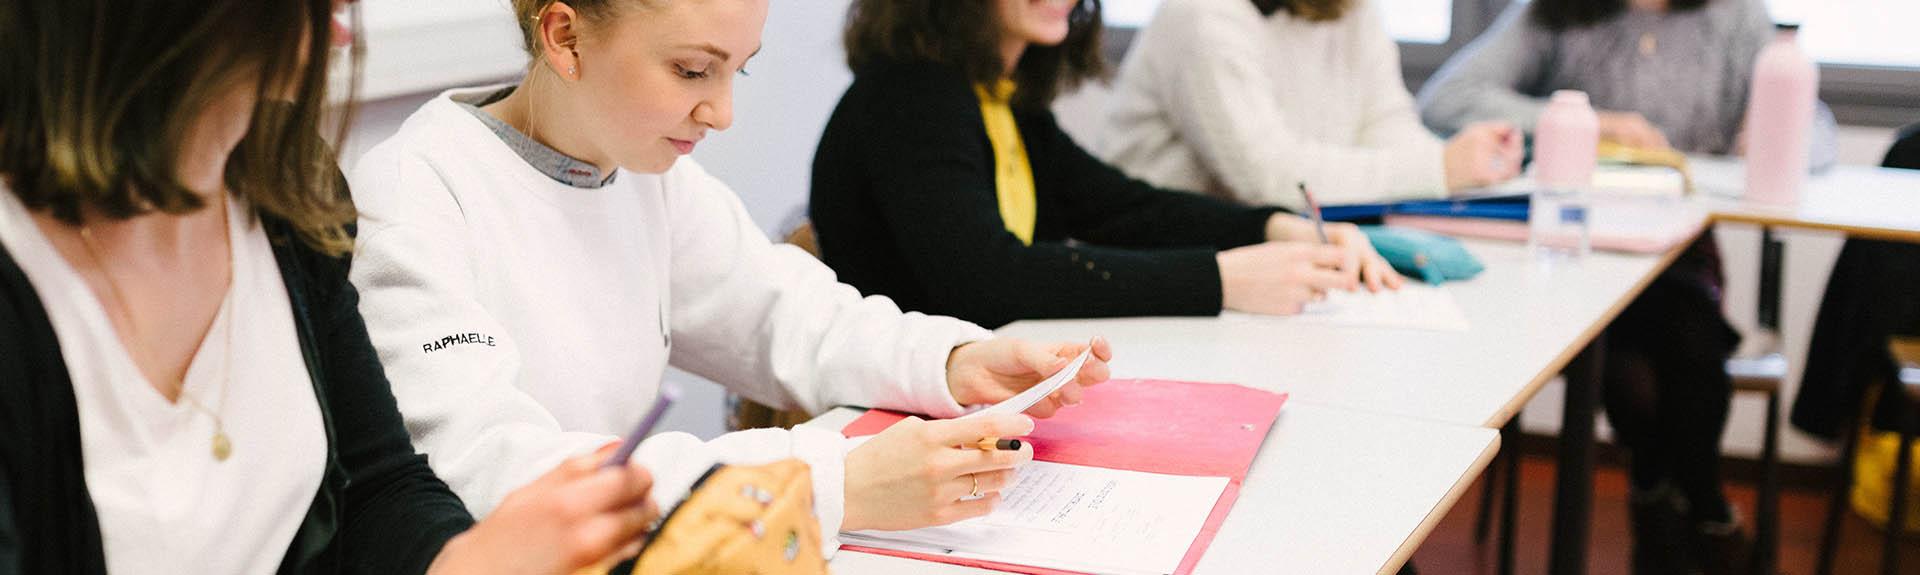 étudiante qui tient un cahier